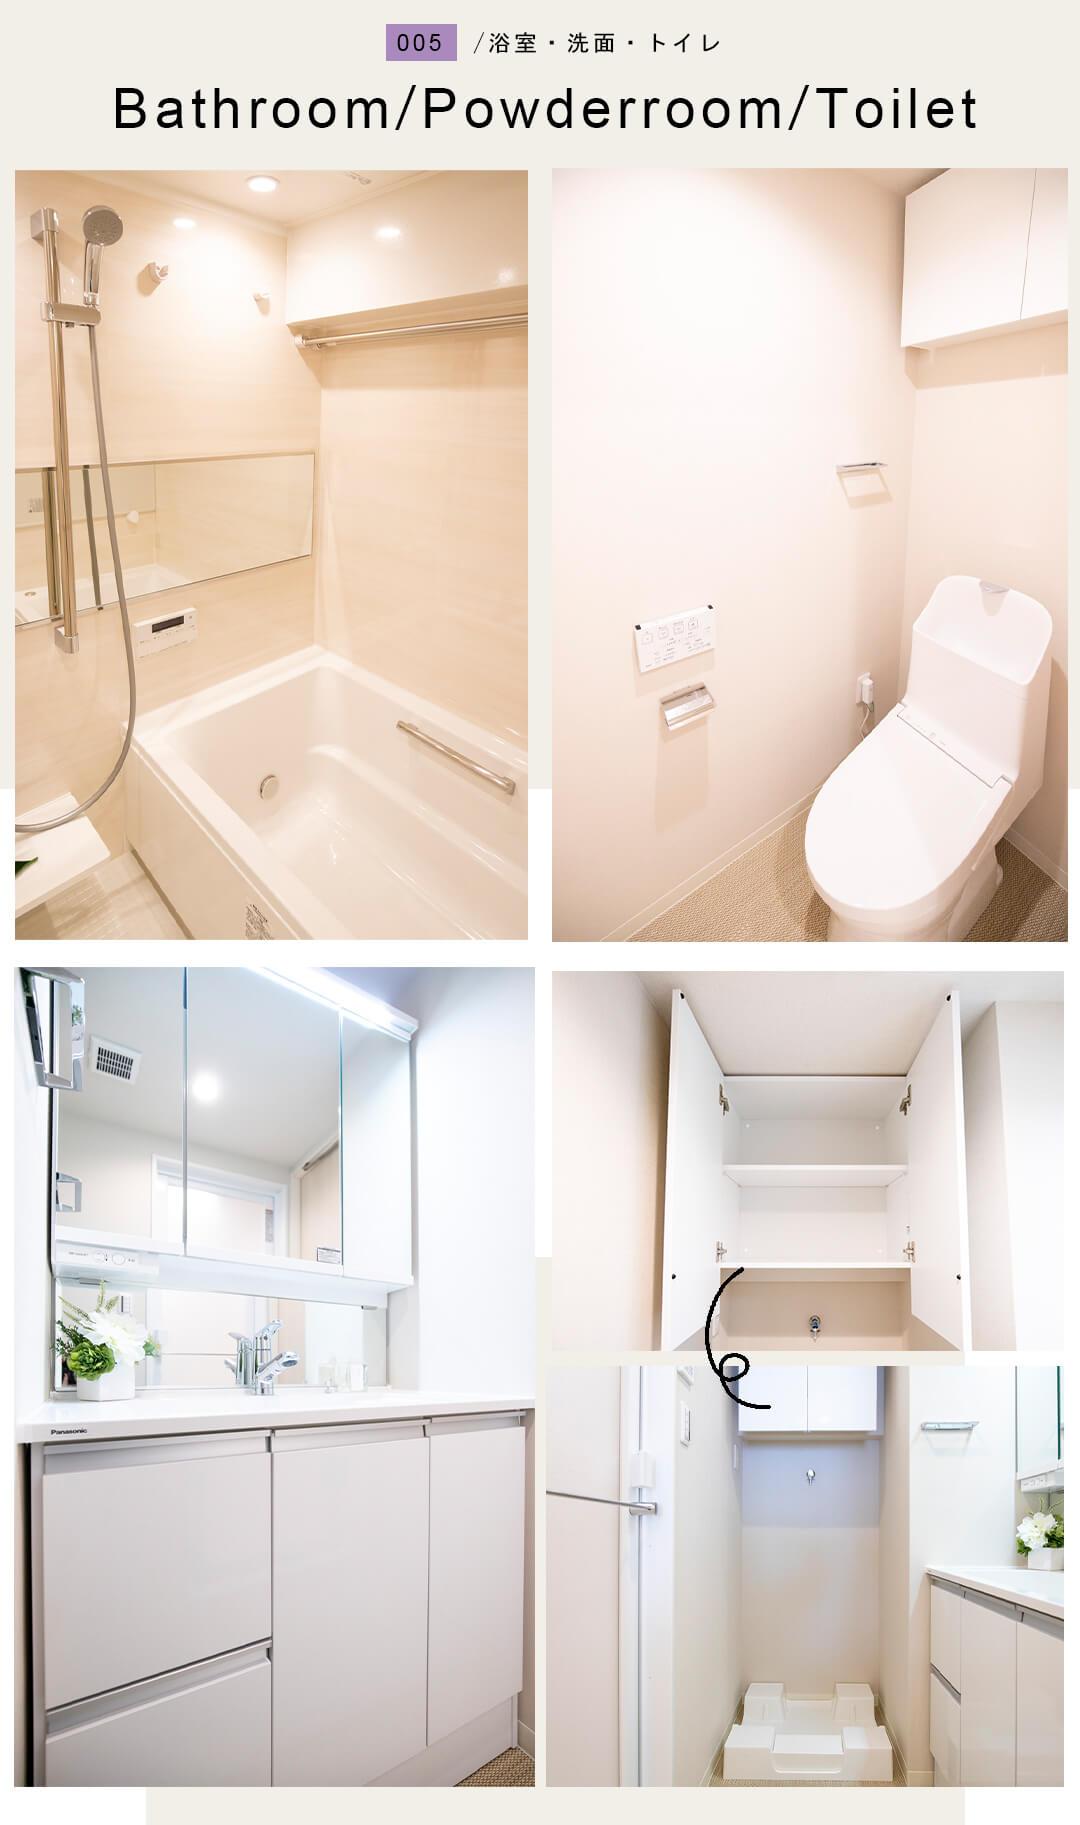 005浴室,洗面,トイレBathroom,Powderroom,Toilet